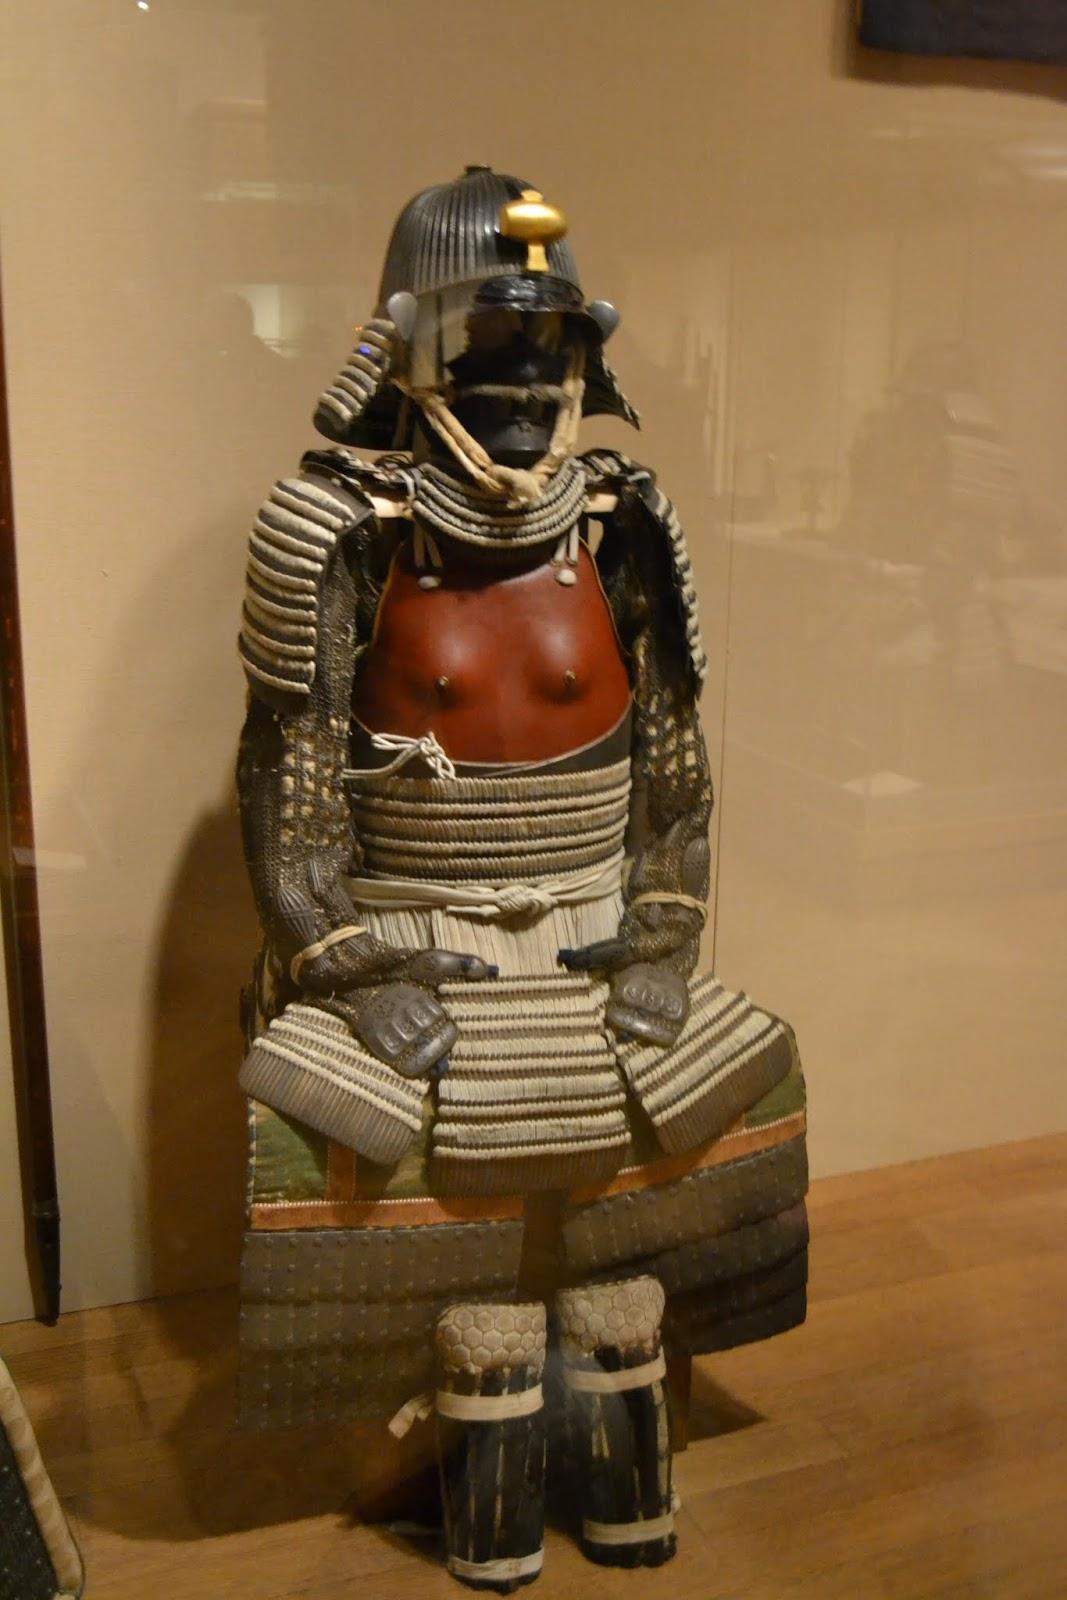 Японские доспехи. Метрополитен-музей. Нью-Йорк, Нью-Йорк (The Metropolitan Museum of Art, NYC)